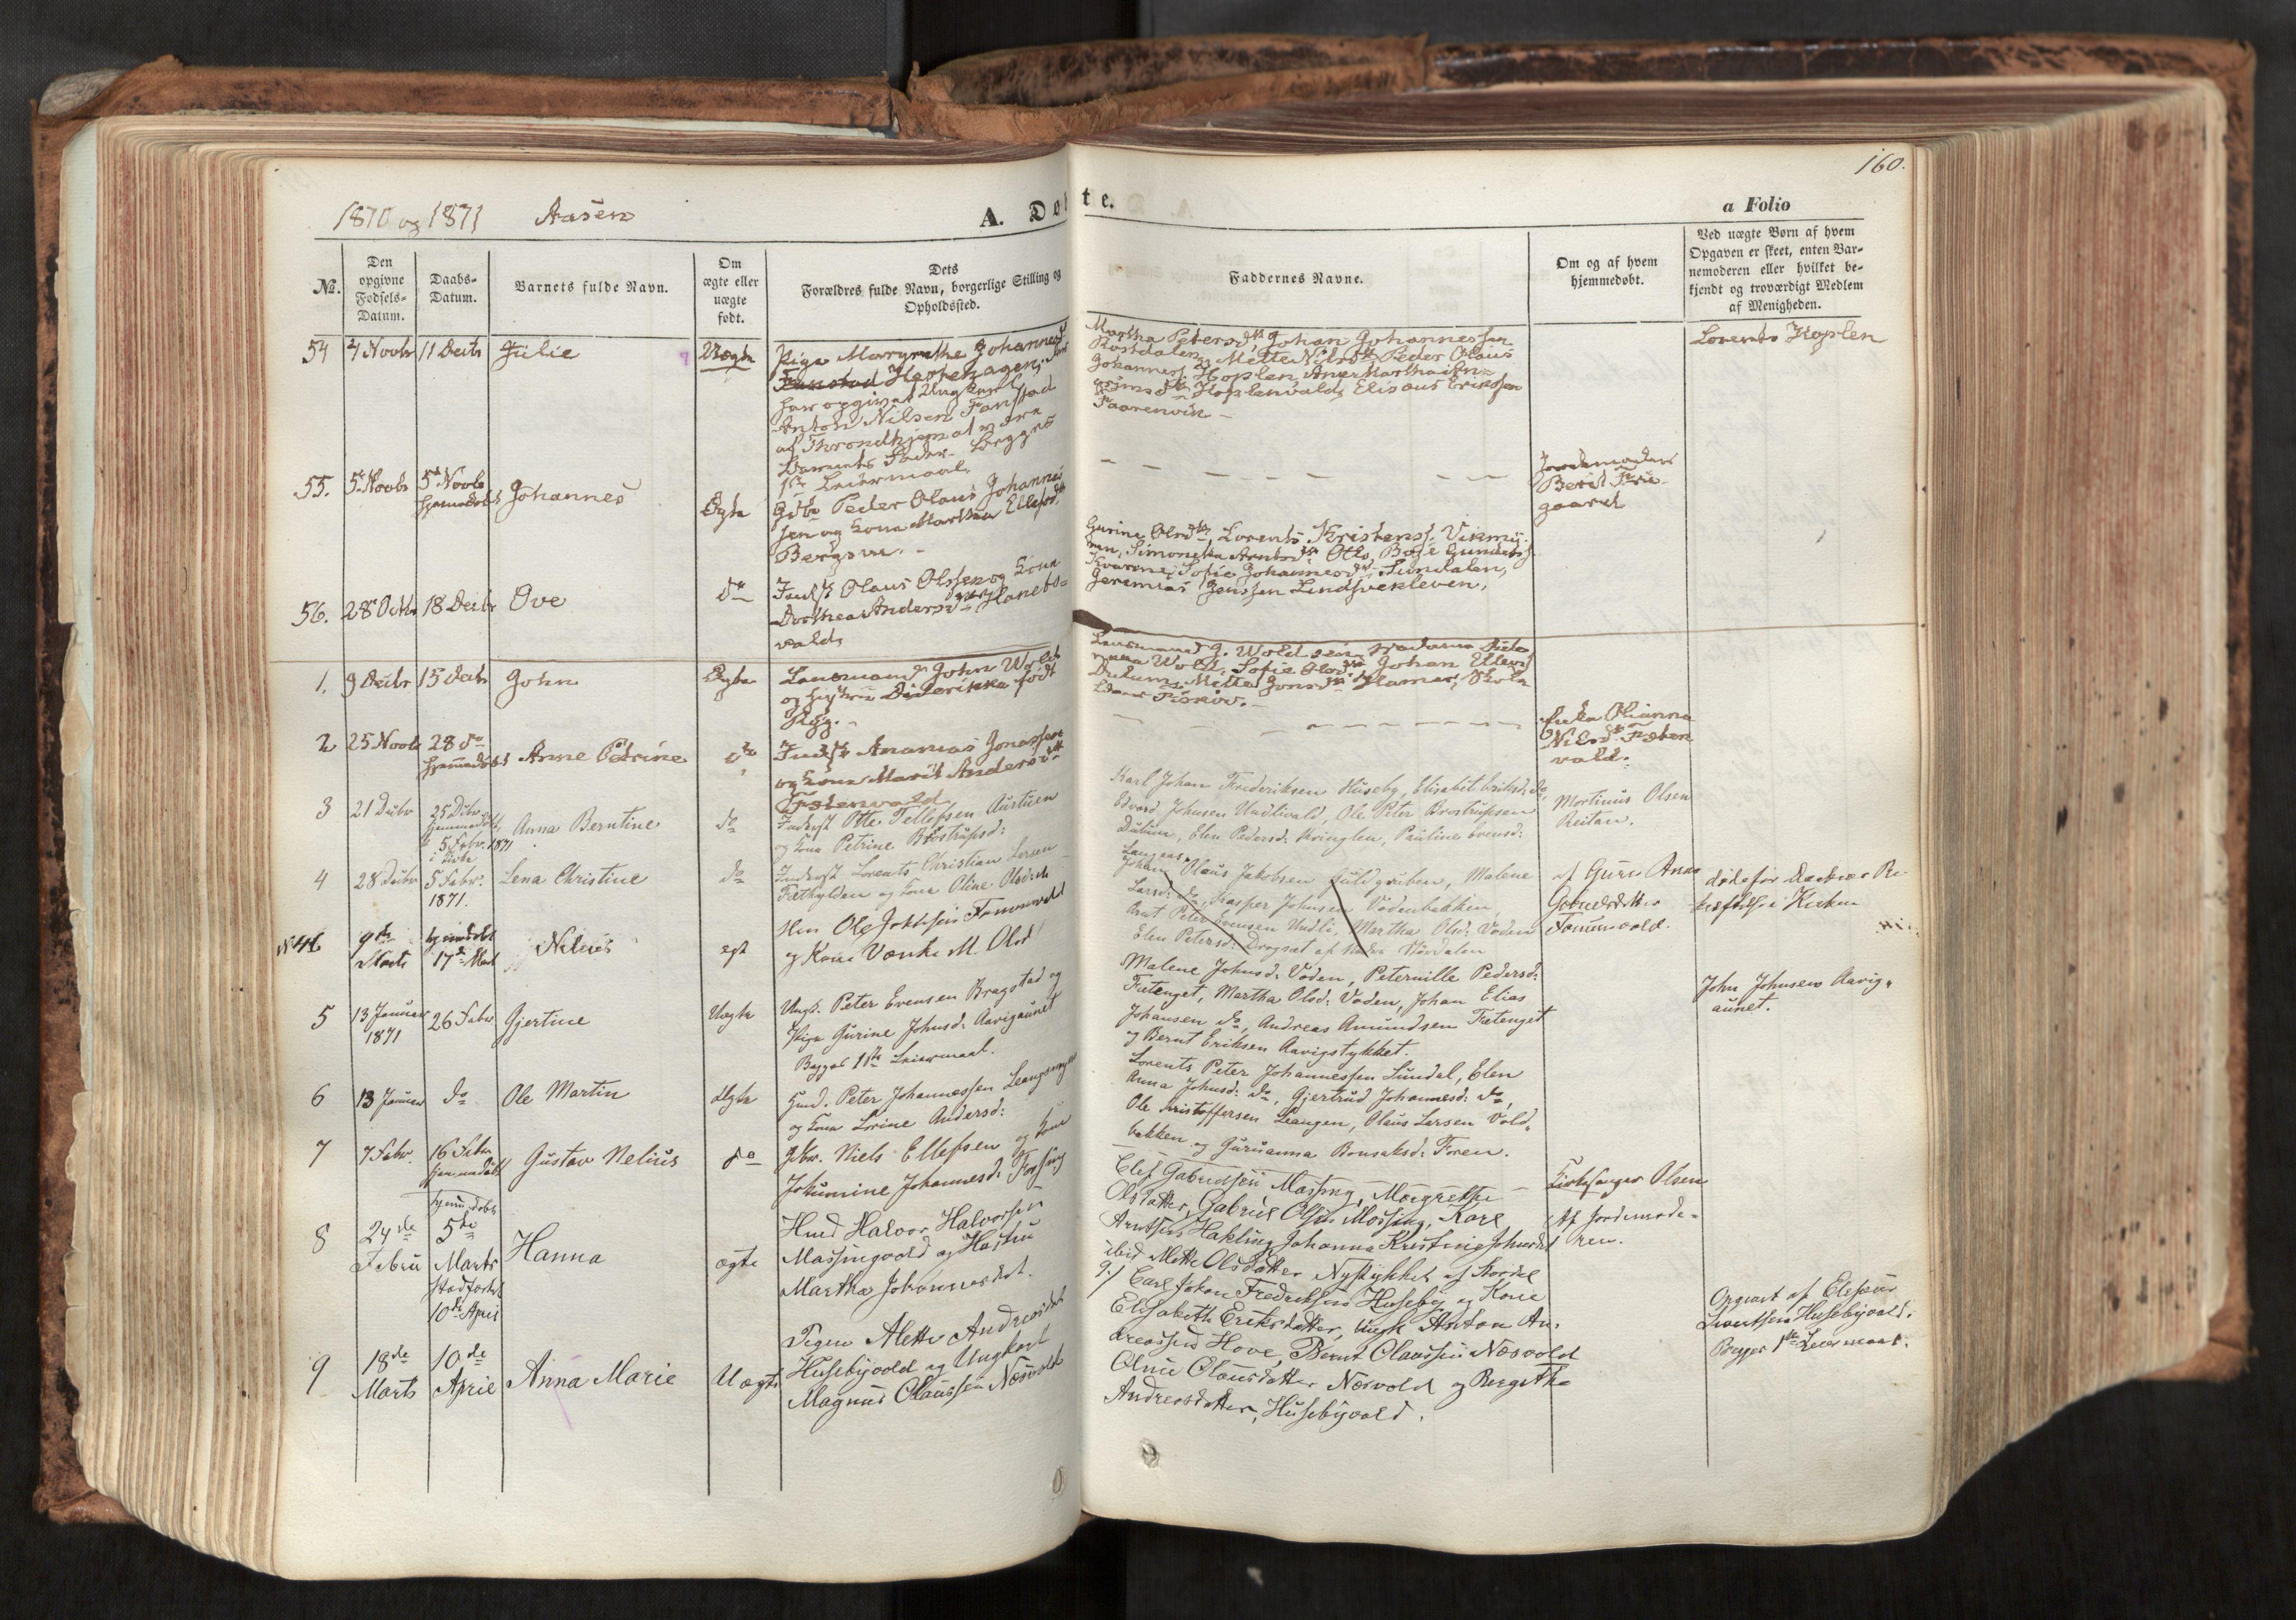 SAT, Ministerialprotokoller, klokkerbøker og fødselsregistre - Nord-Trøndelag, 713/L0116: Ministerialbok nr. 713A07, 1850-1877, s. 160